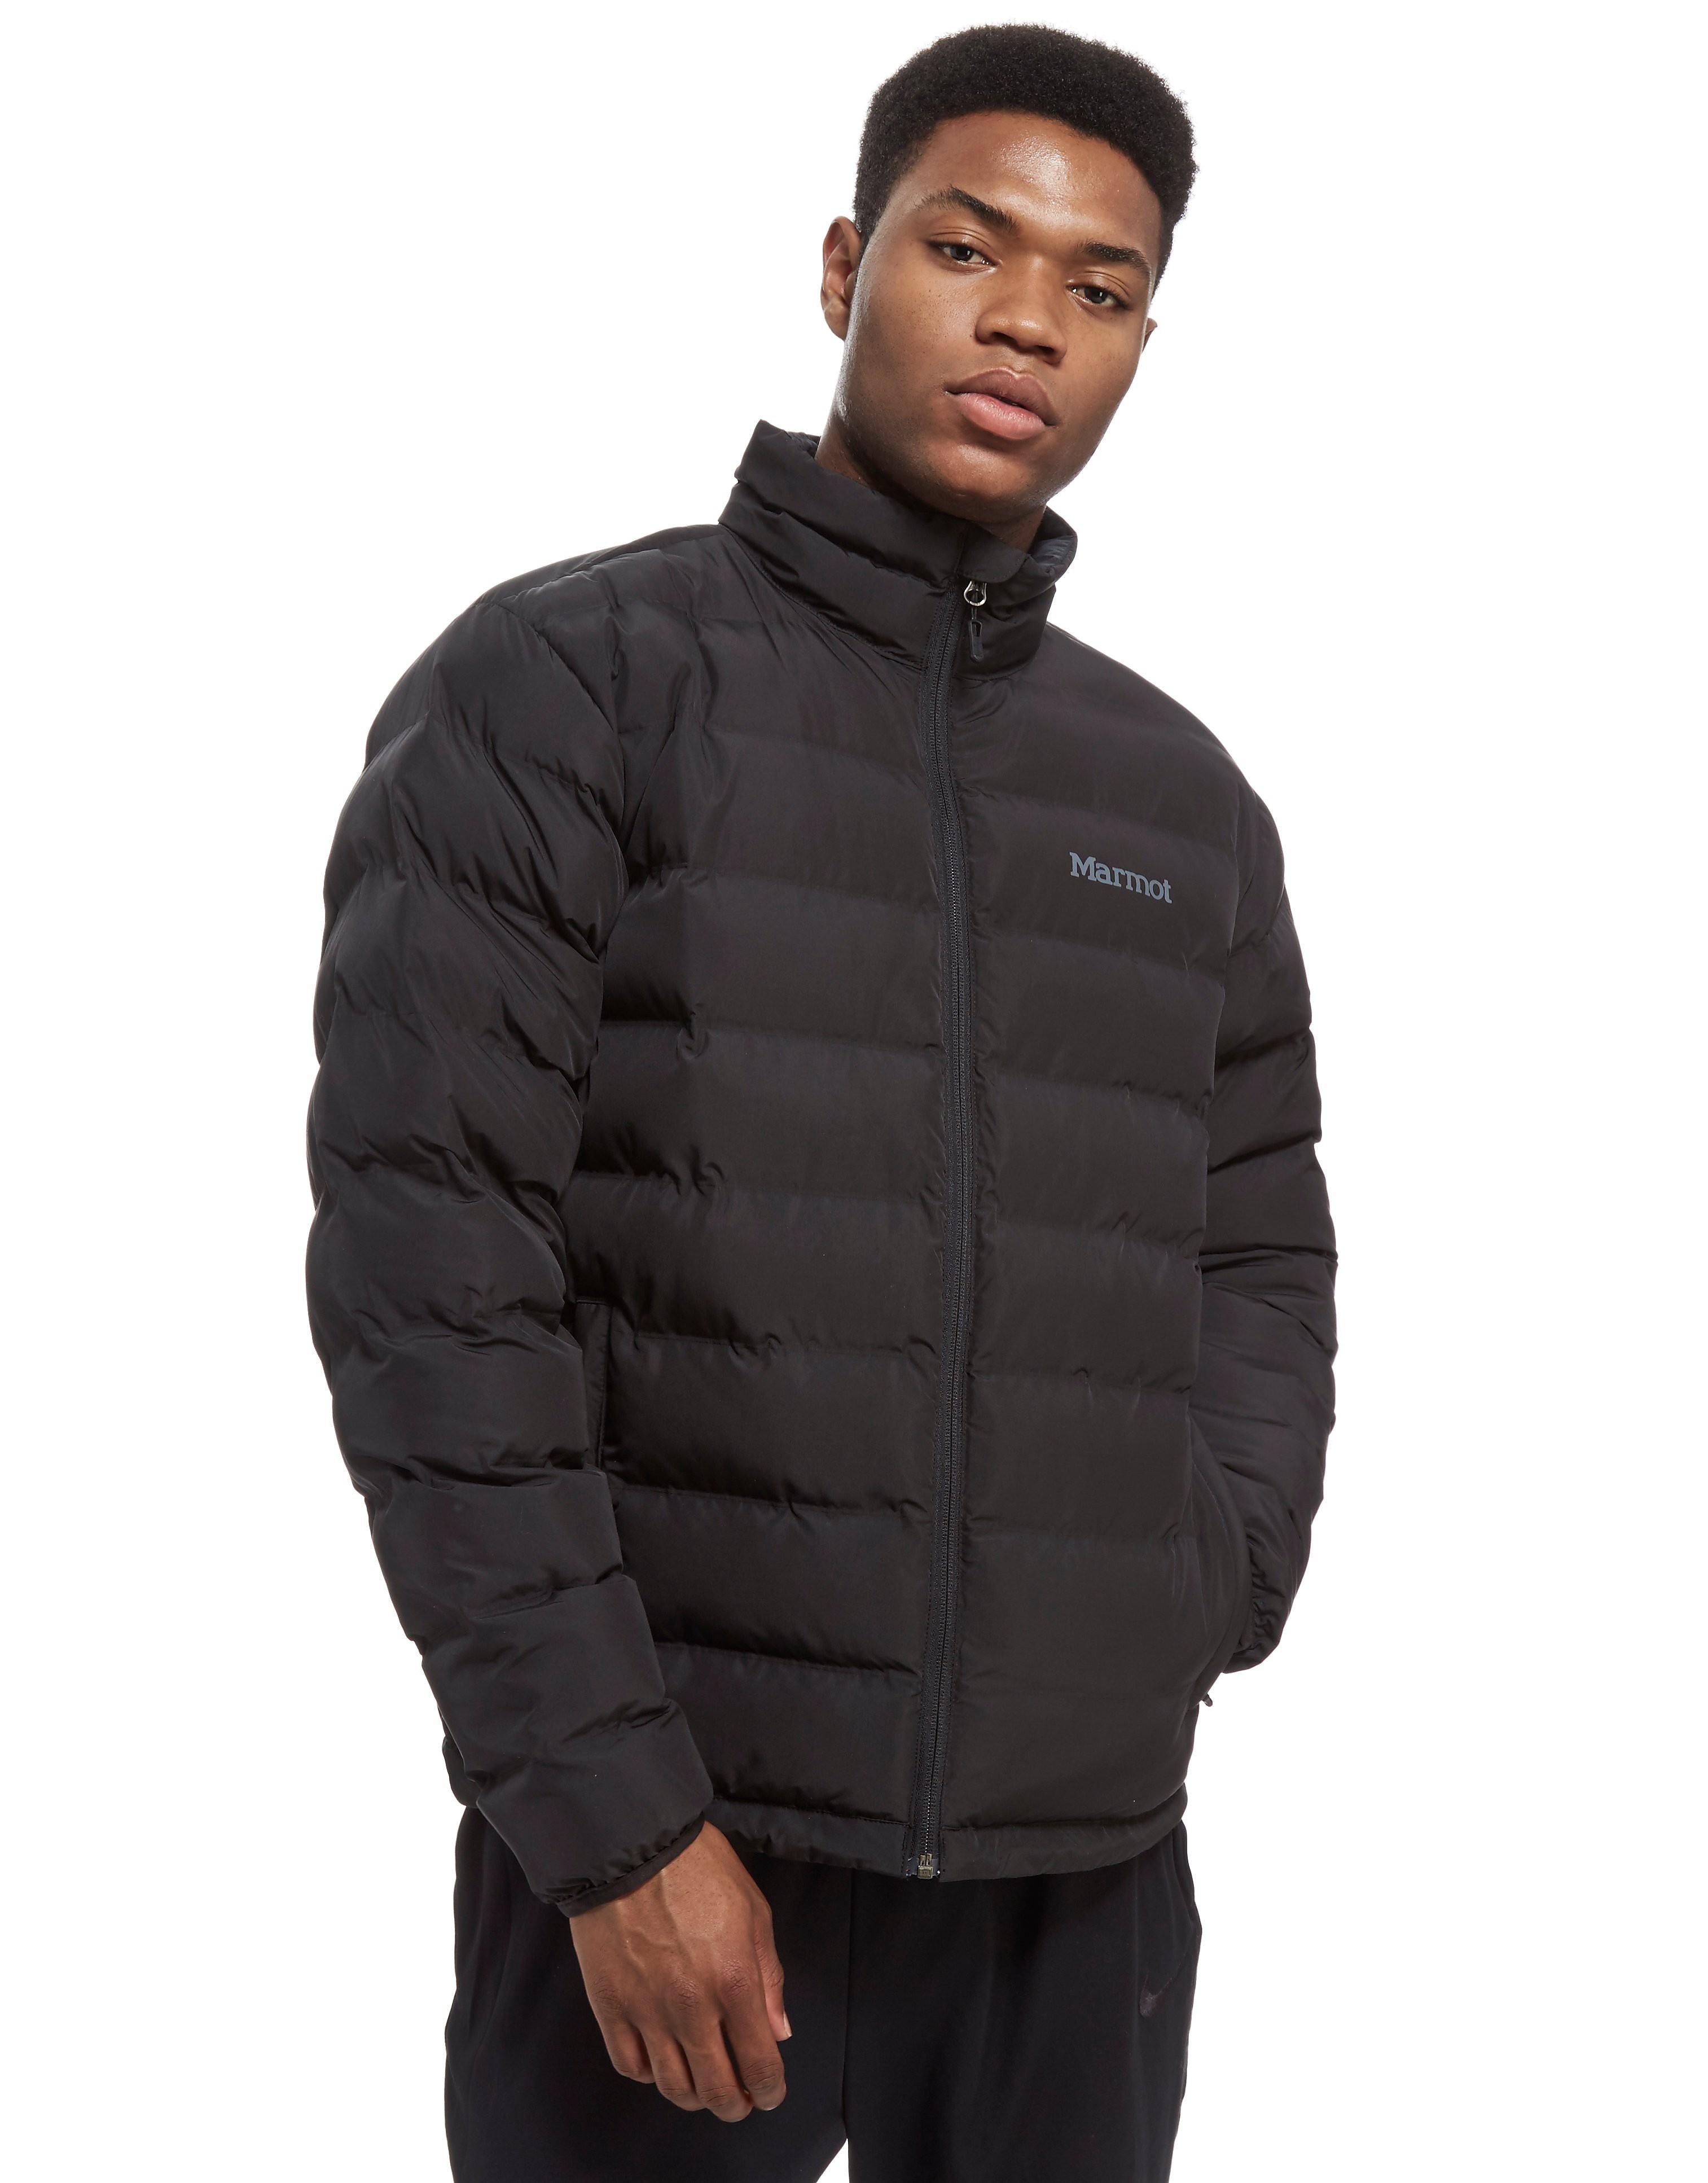 Marmot Alassian Featherless Men's Insulated Jacket